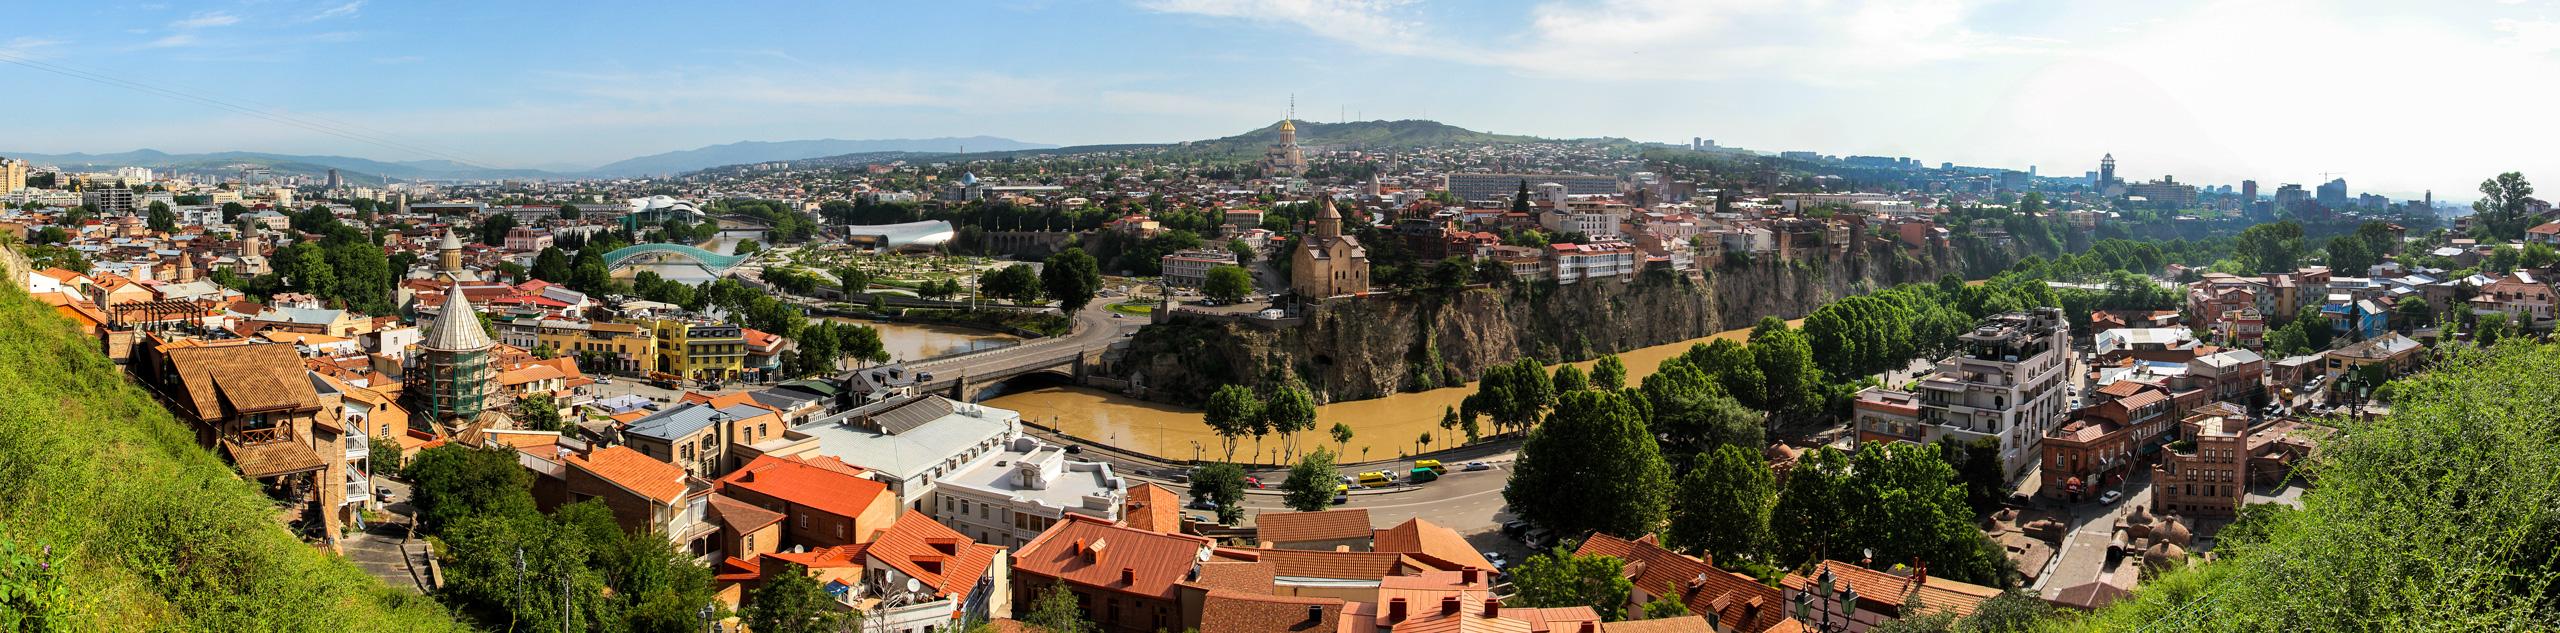 Georgia: Tbilisi to the Black Sea